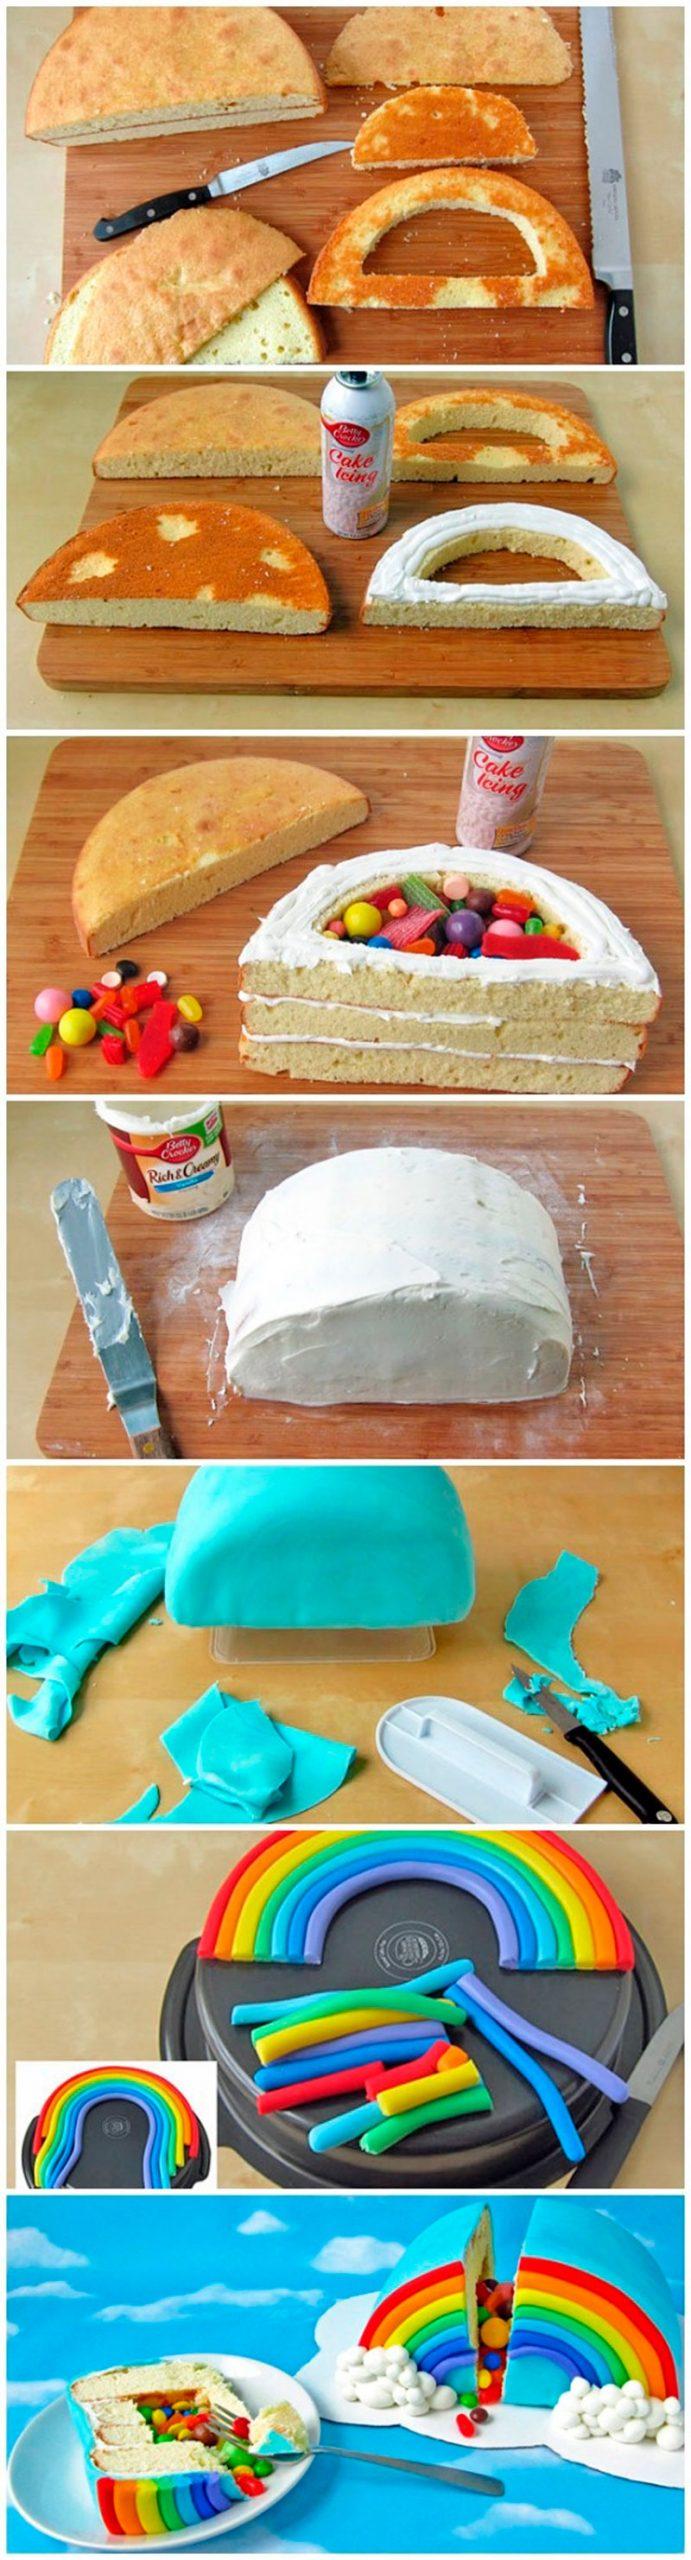 cake tutorials 5